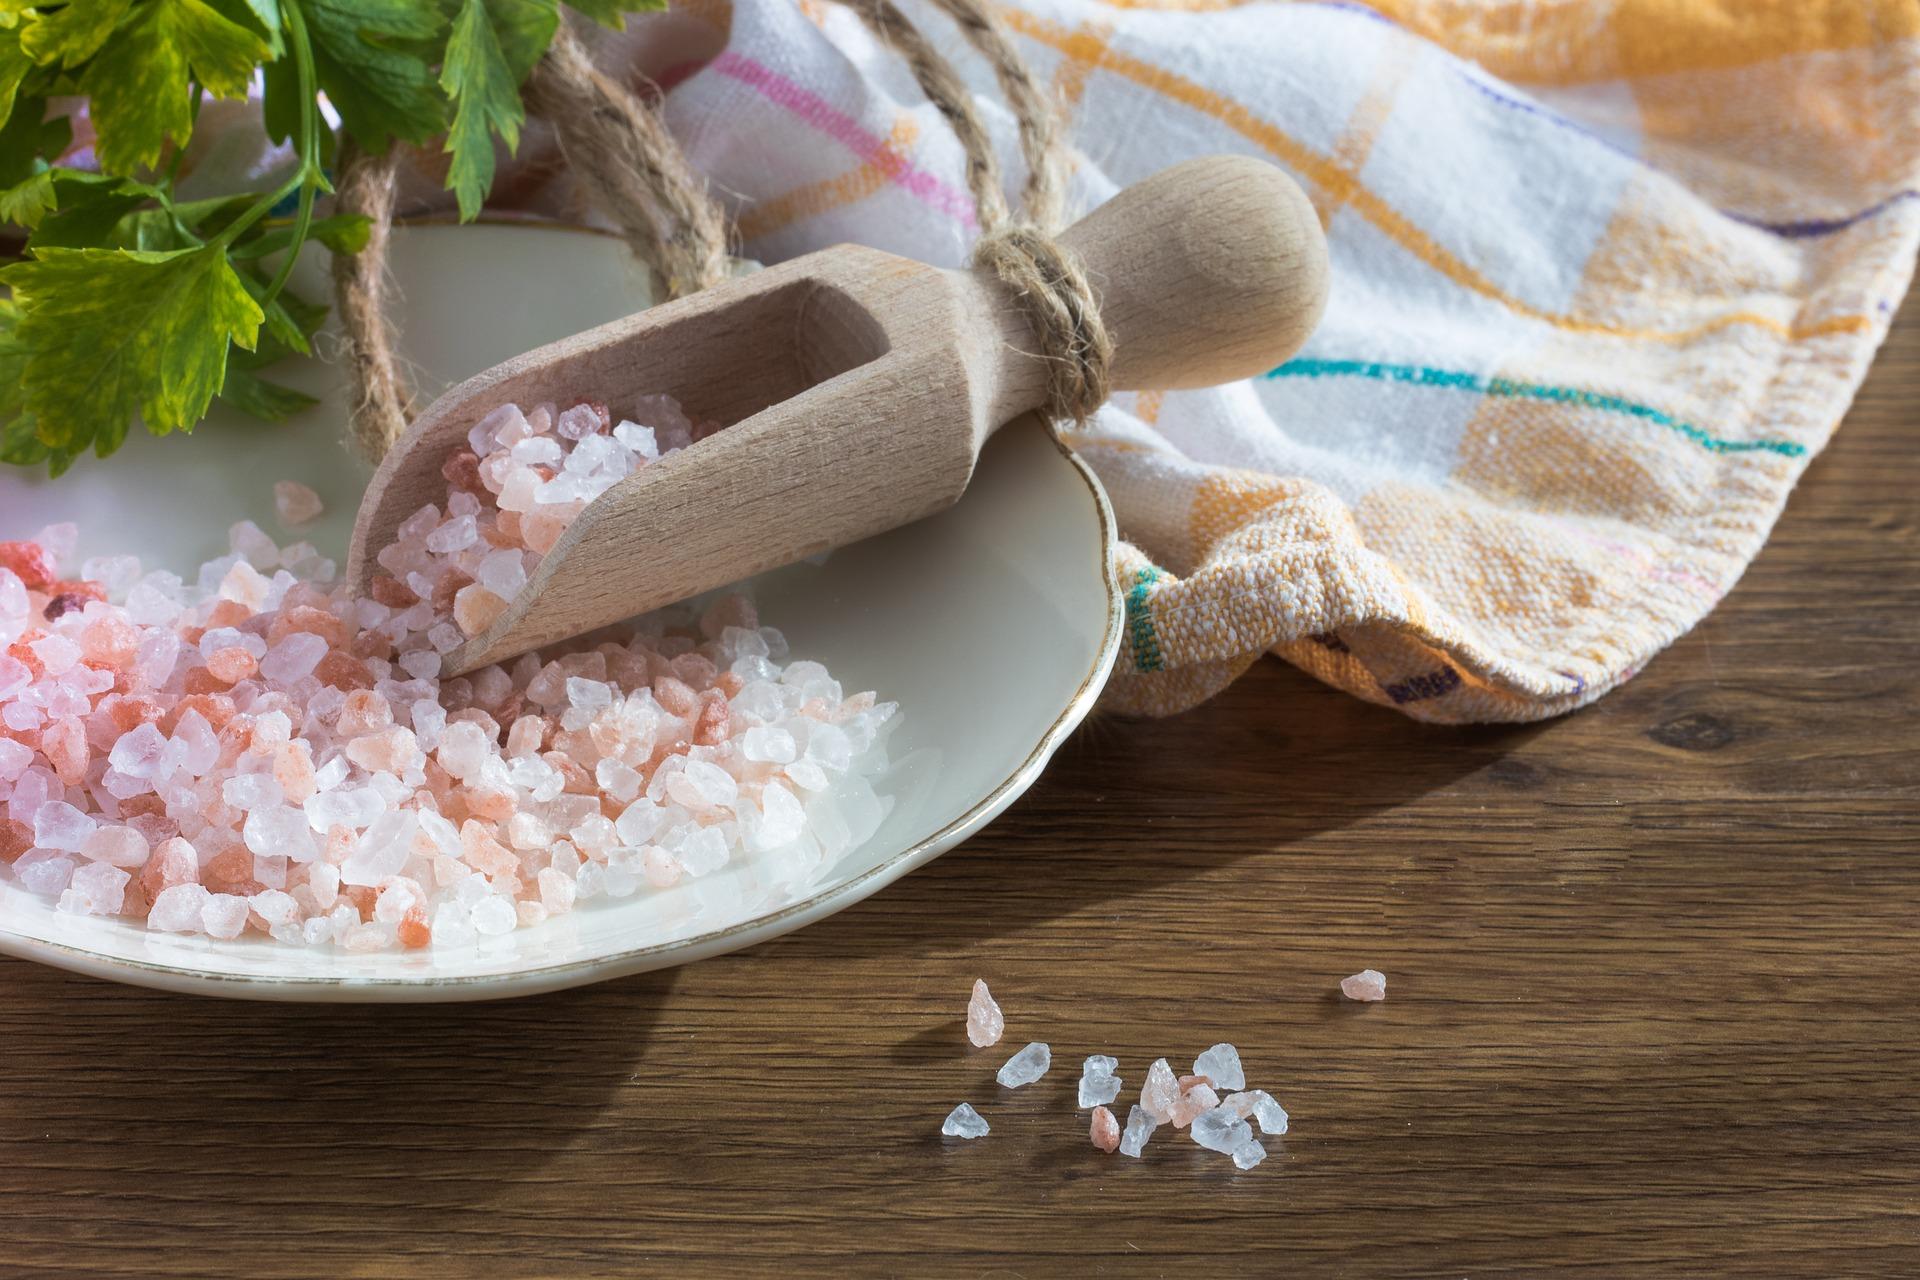 7 Health Benefits of Pink Himalayan Salt